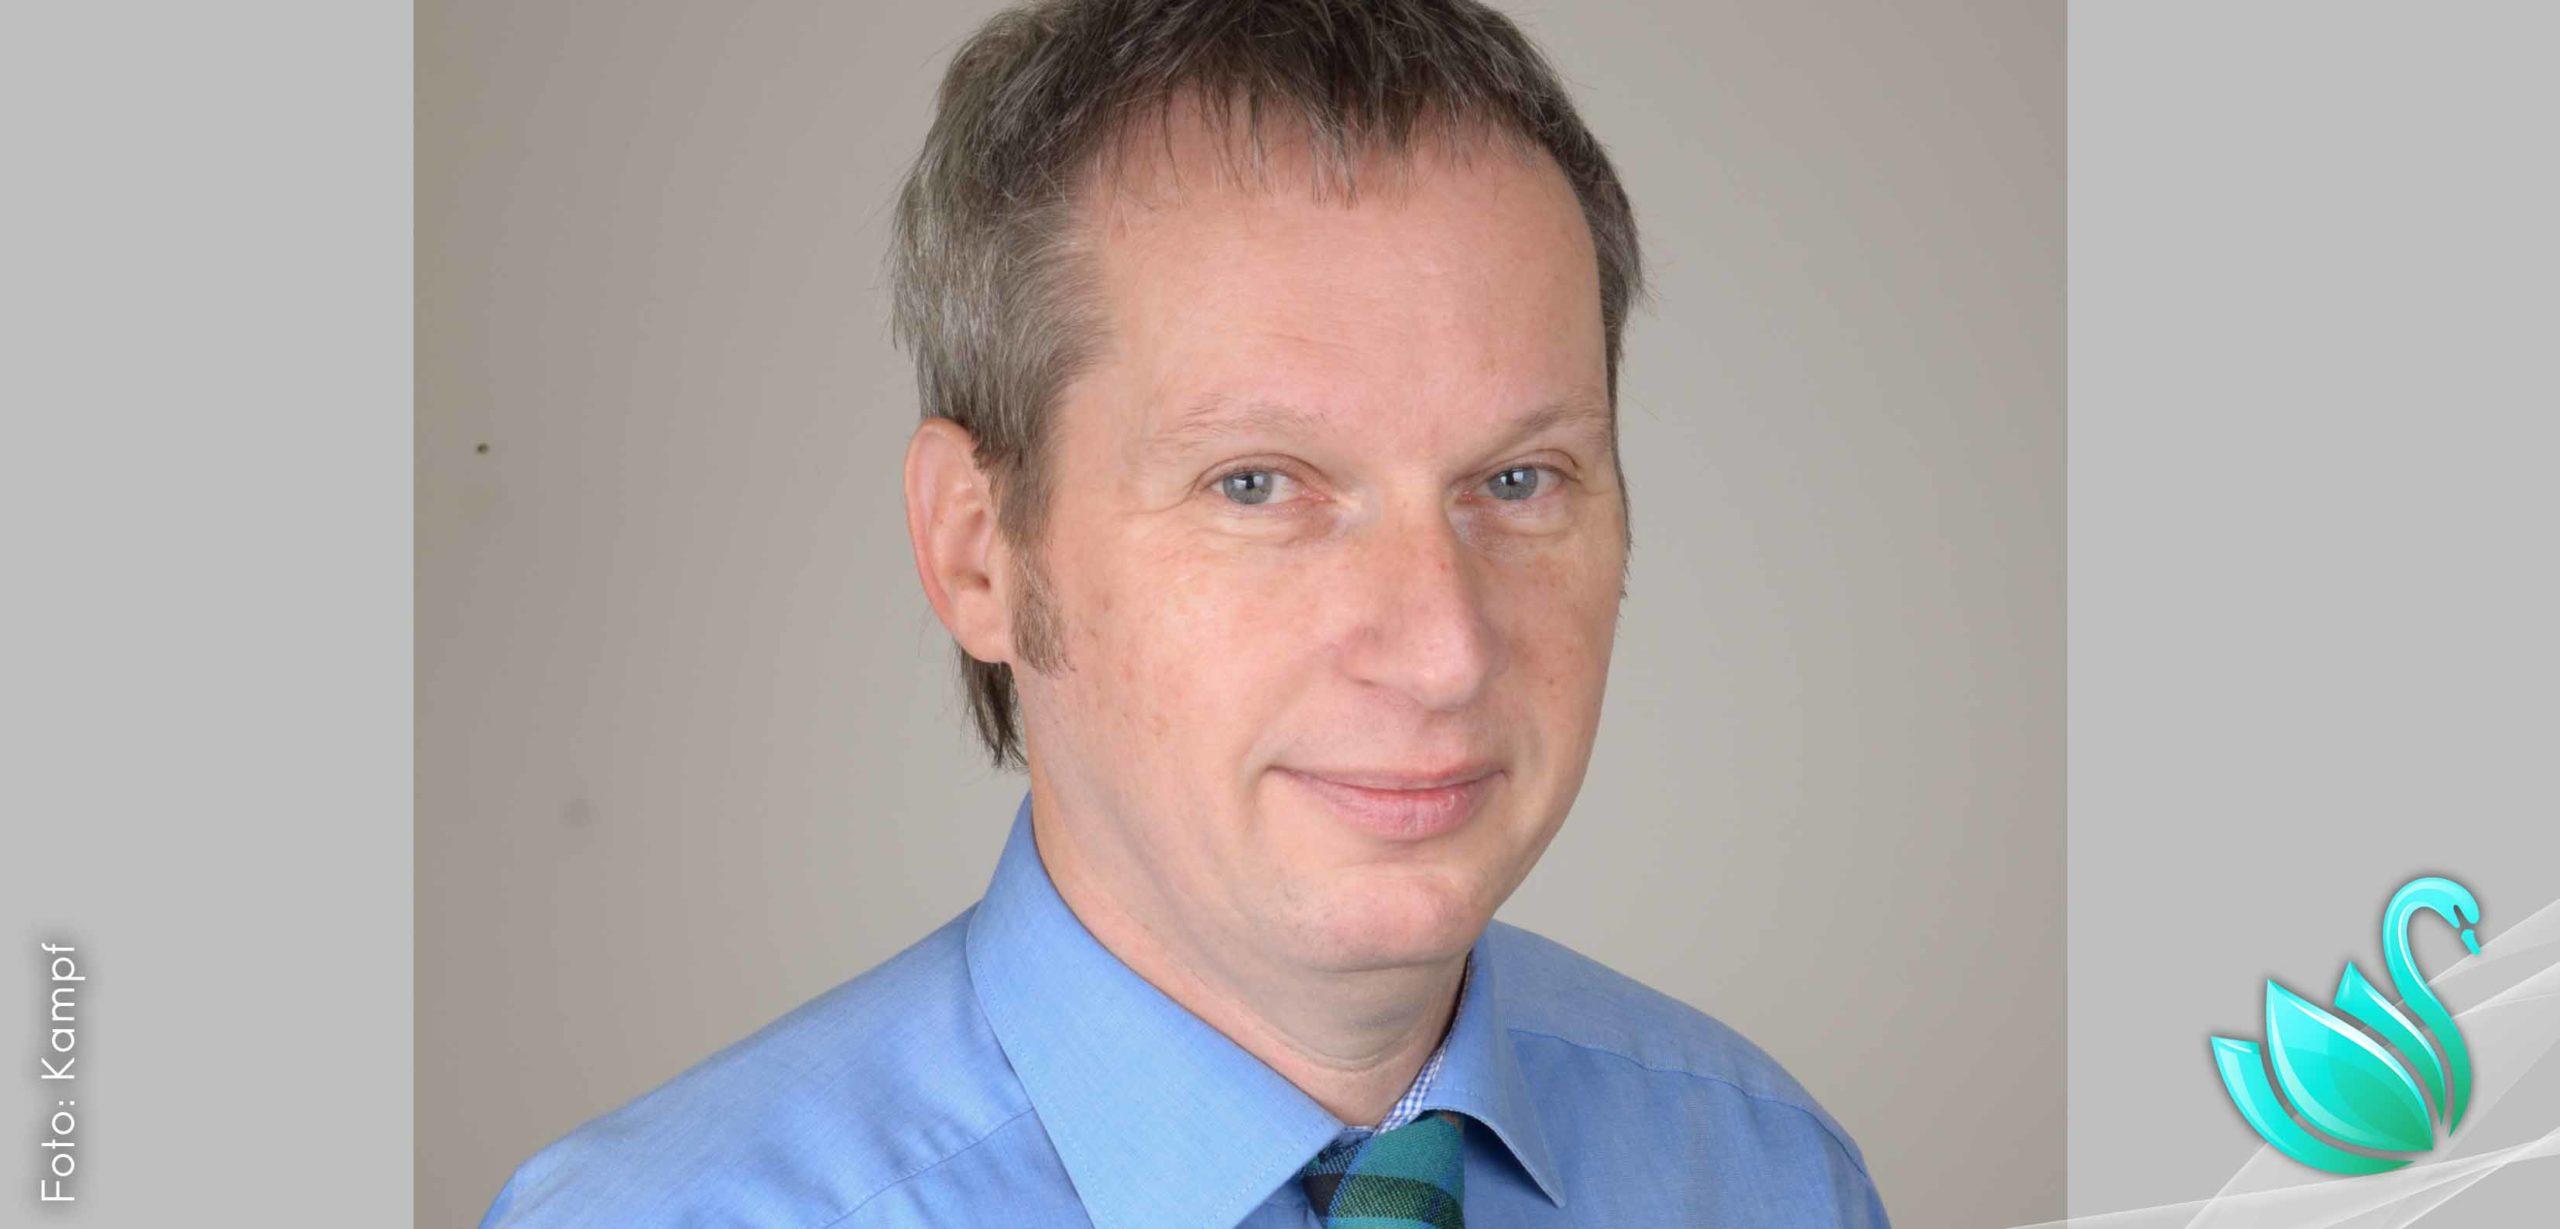 28: Sind und waren die Corona-Maßnahmen übertrieben? Prof. Dr. Günter Kampf im Gespräch